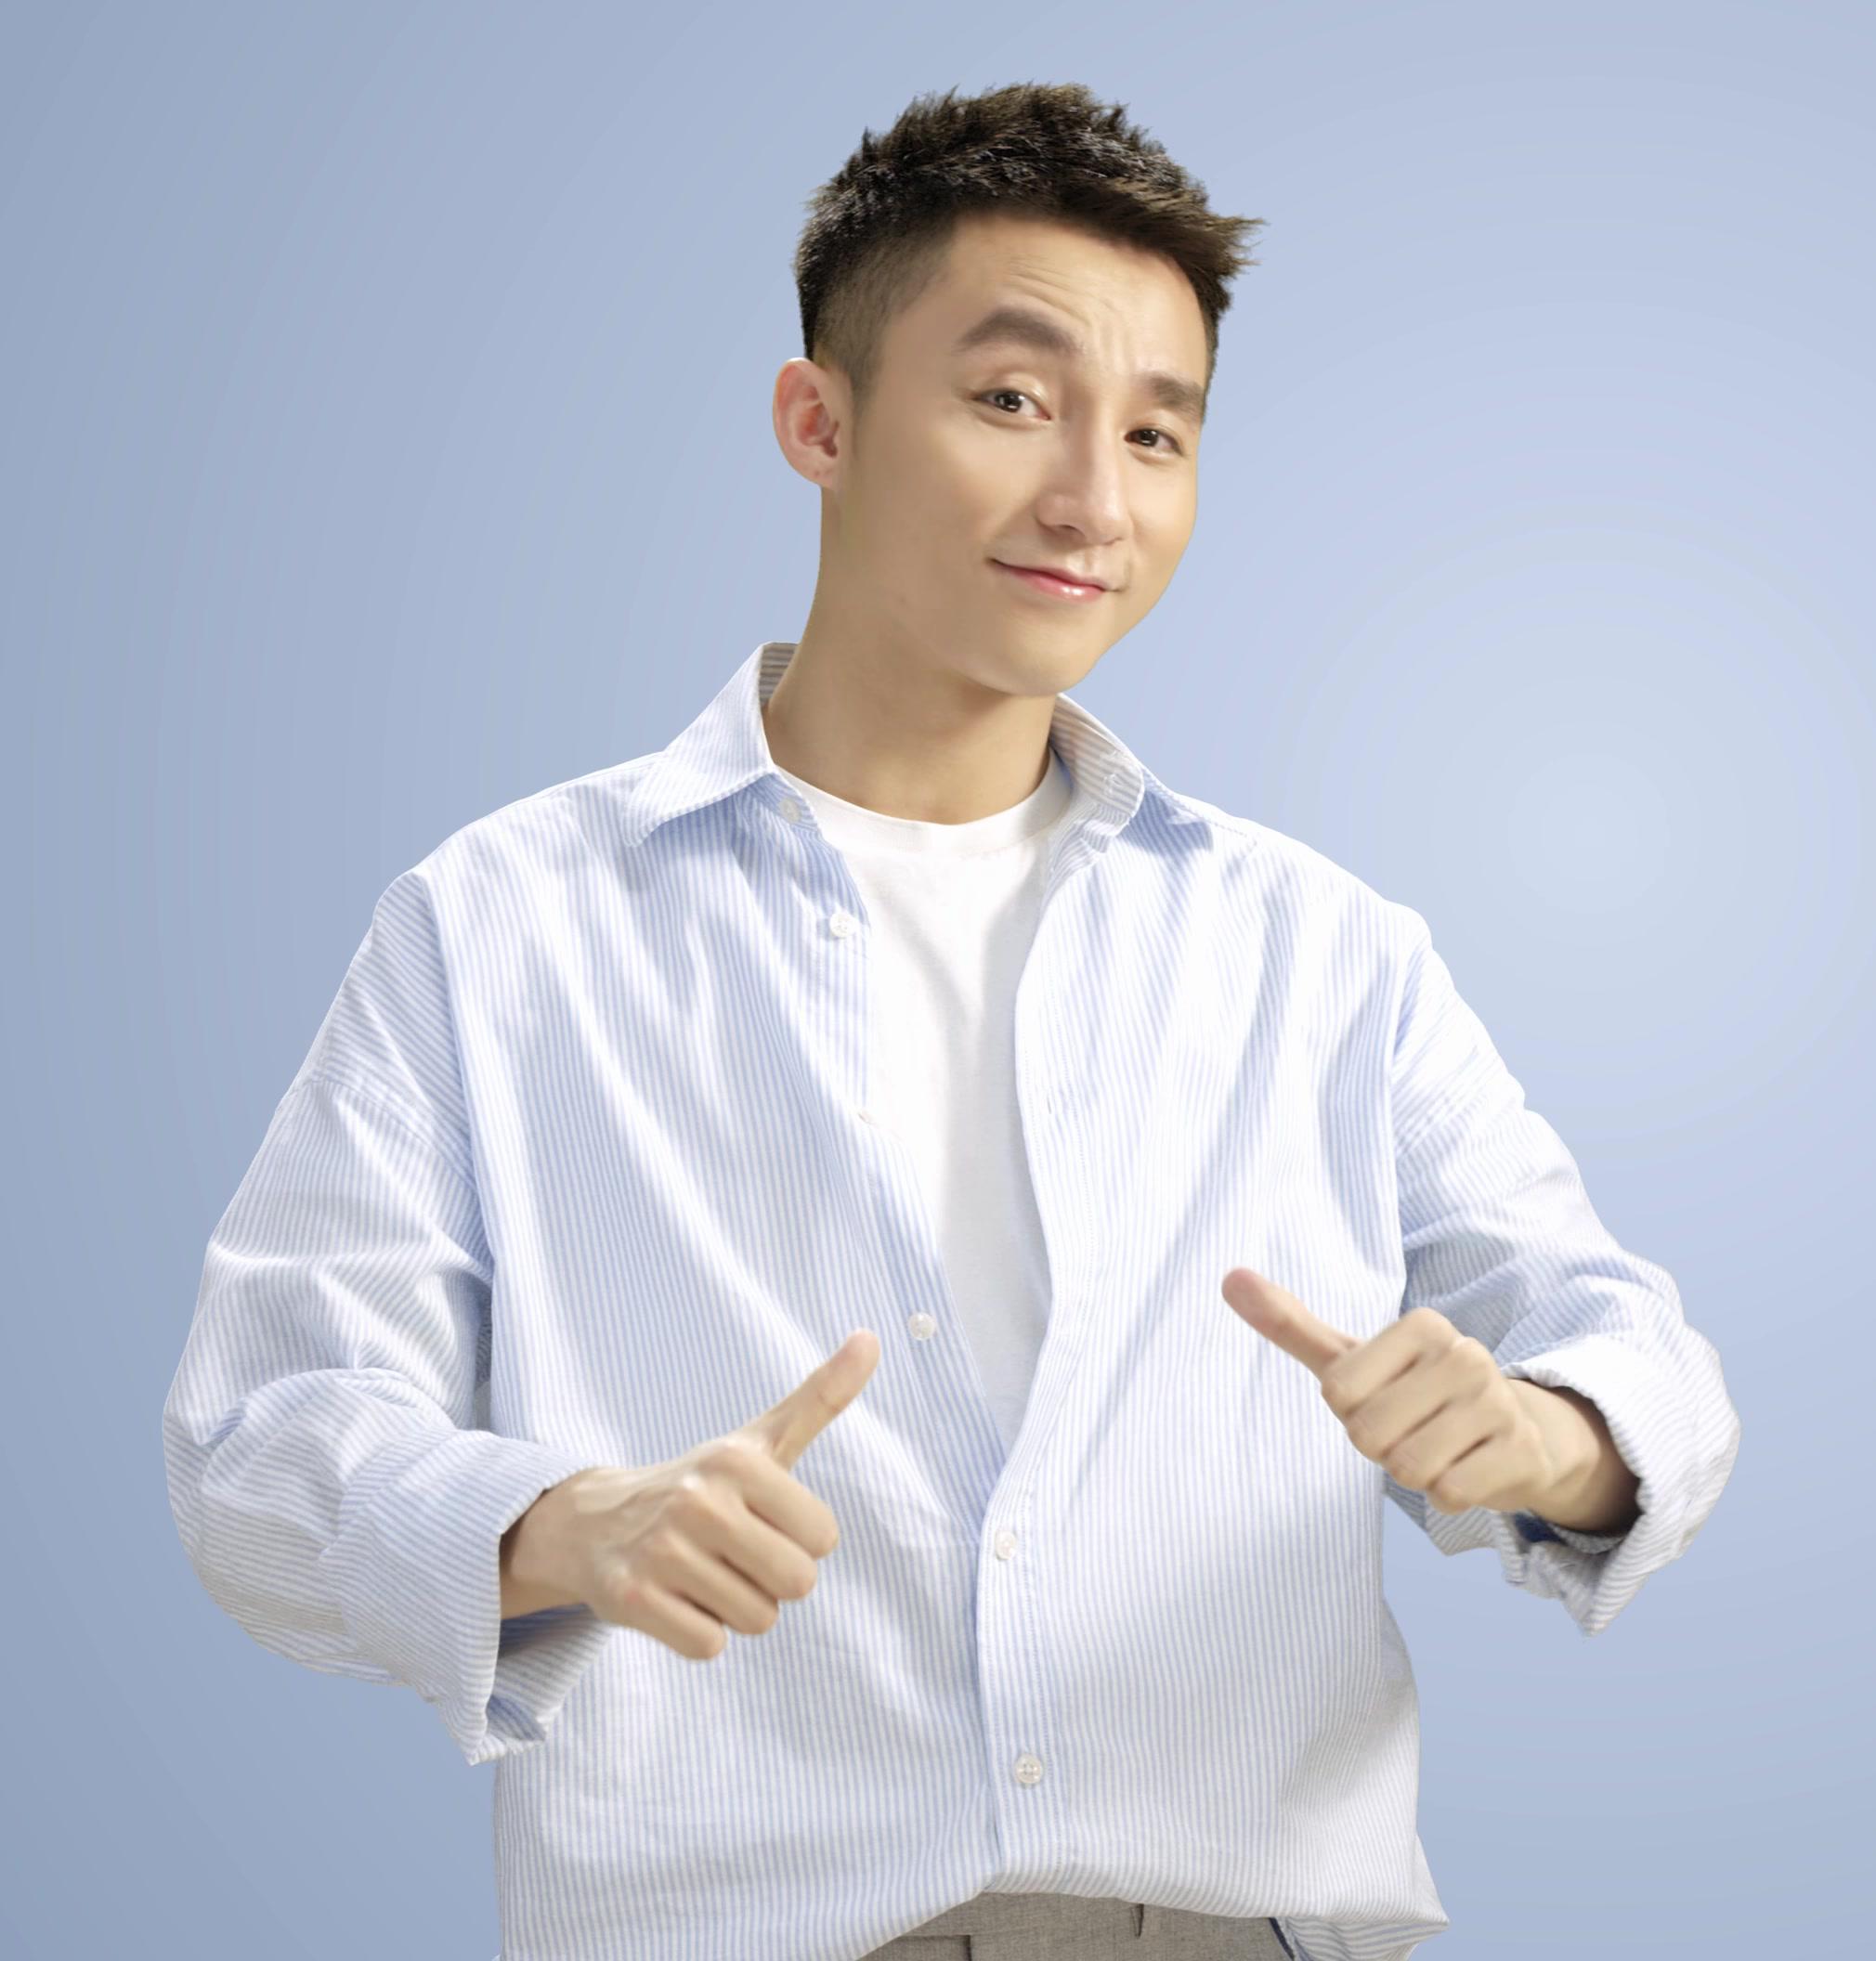 Top 5 Ca sĩ Việt Nam Được Yêu Thích Nhất Hiện Nay